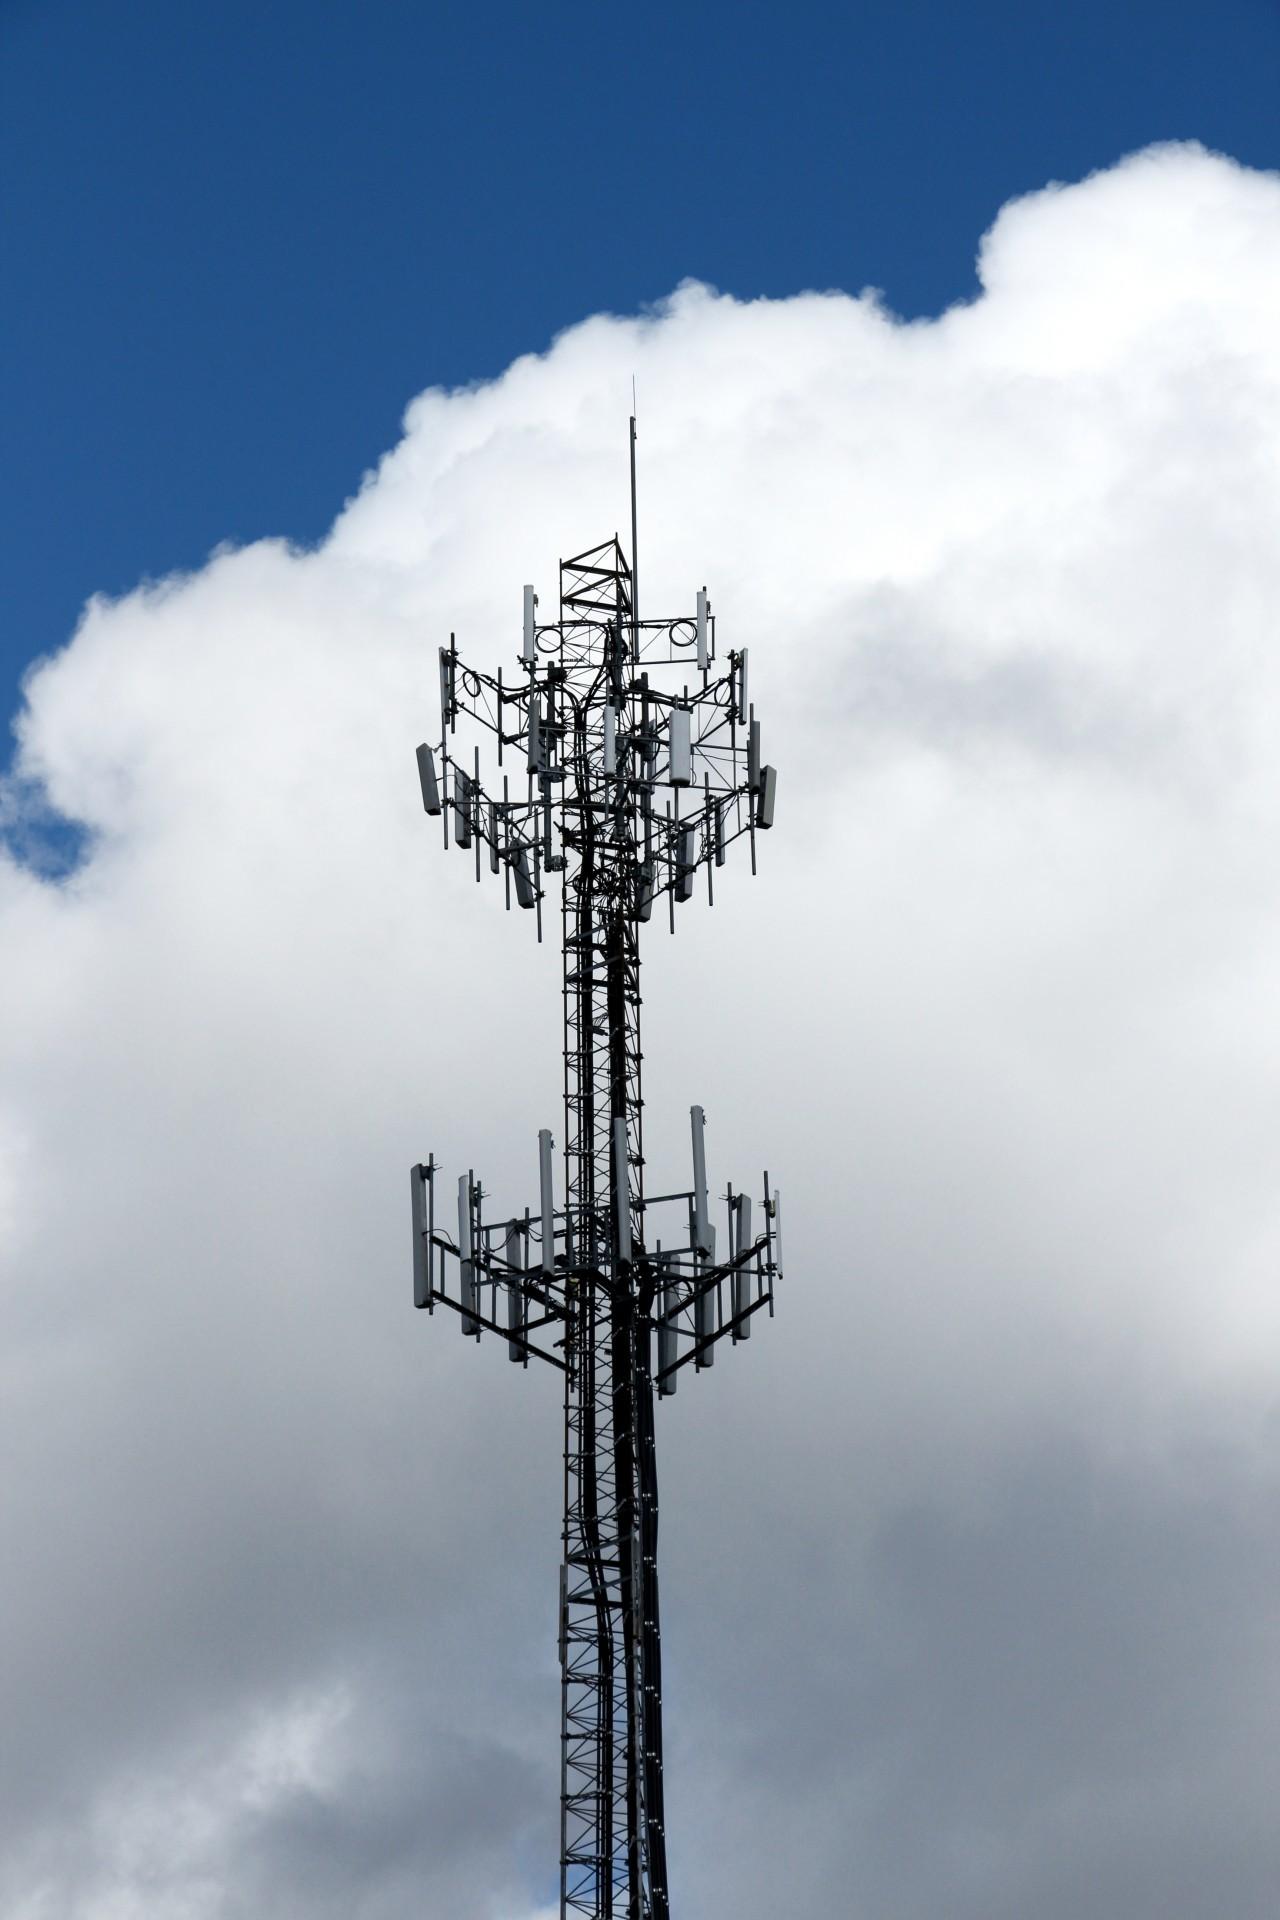 6d9e6d6c82bcdabdb638_radio-tower-against-cloud.jpg